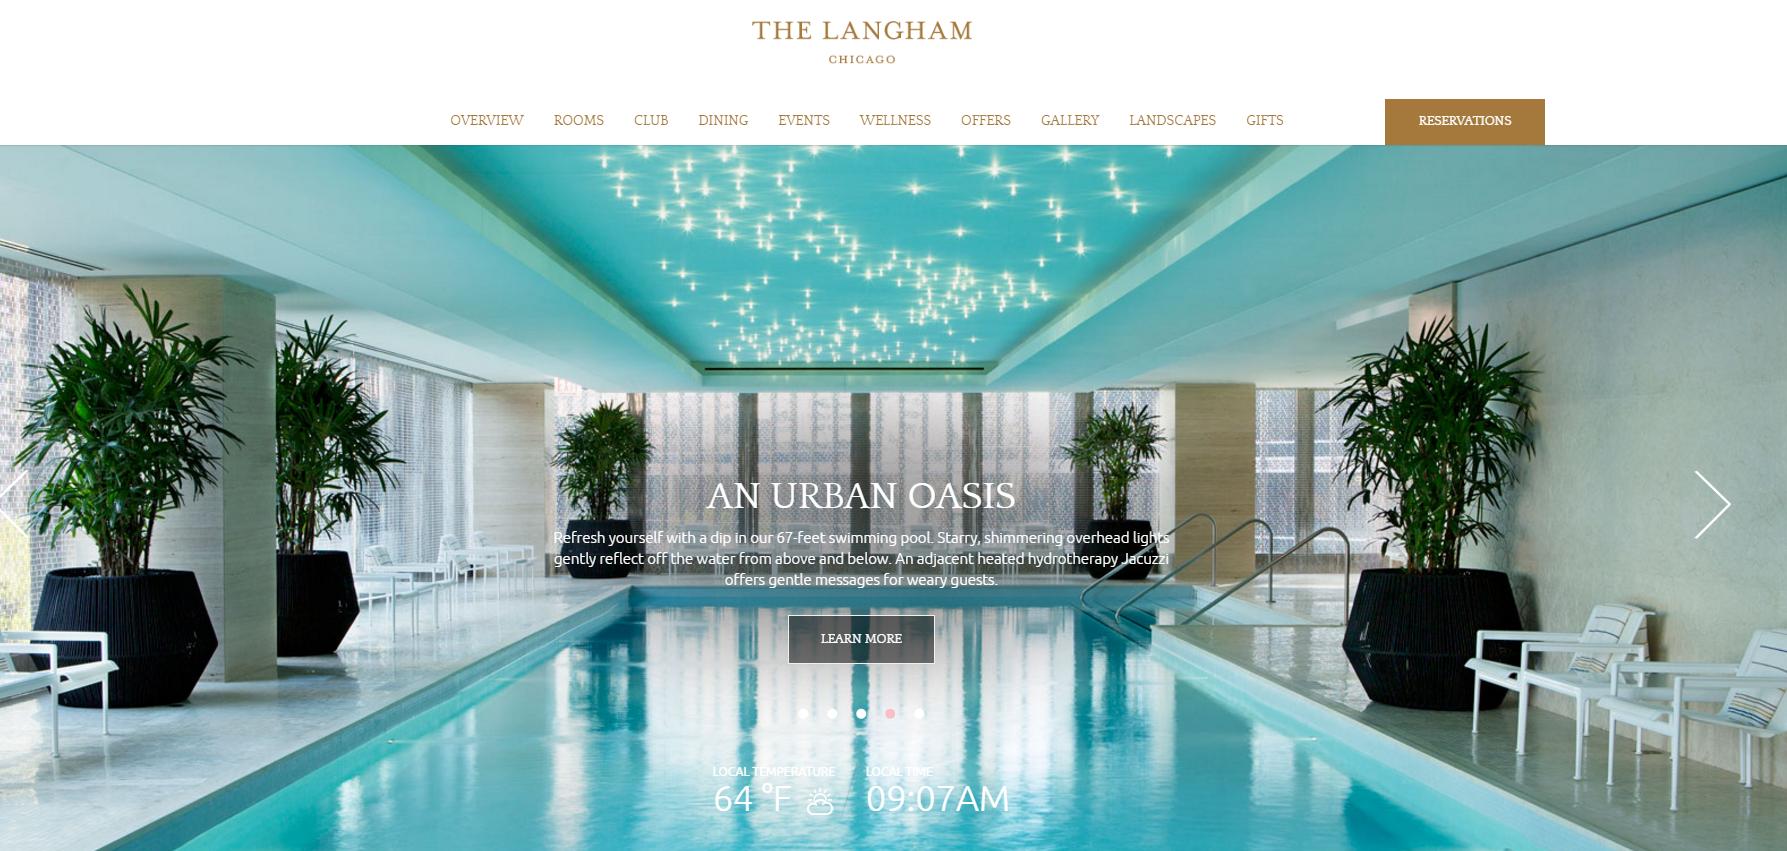 The Langham hotel website homepage